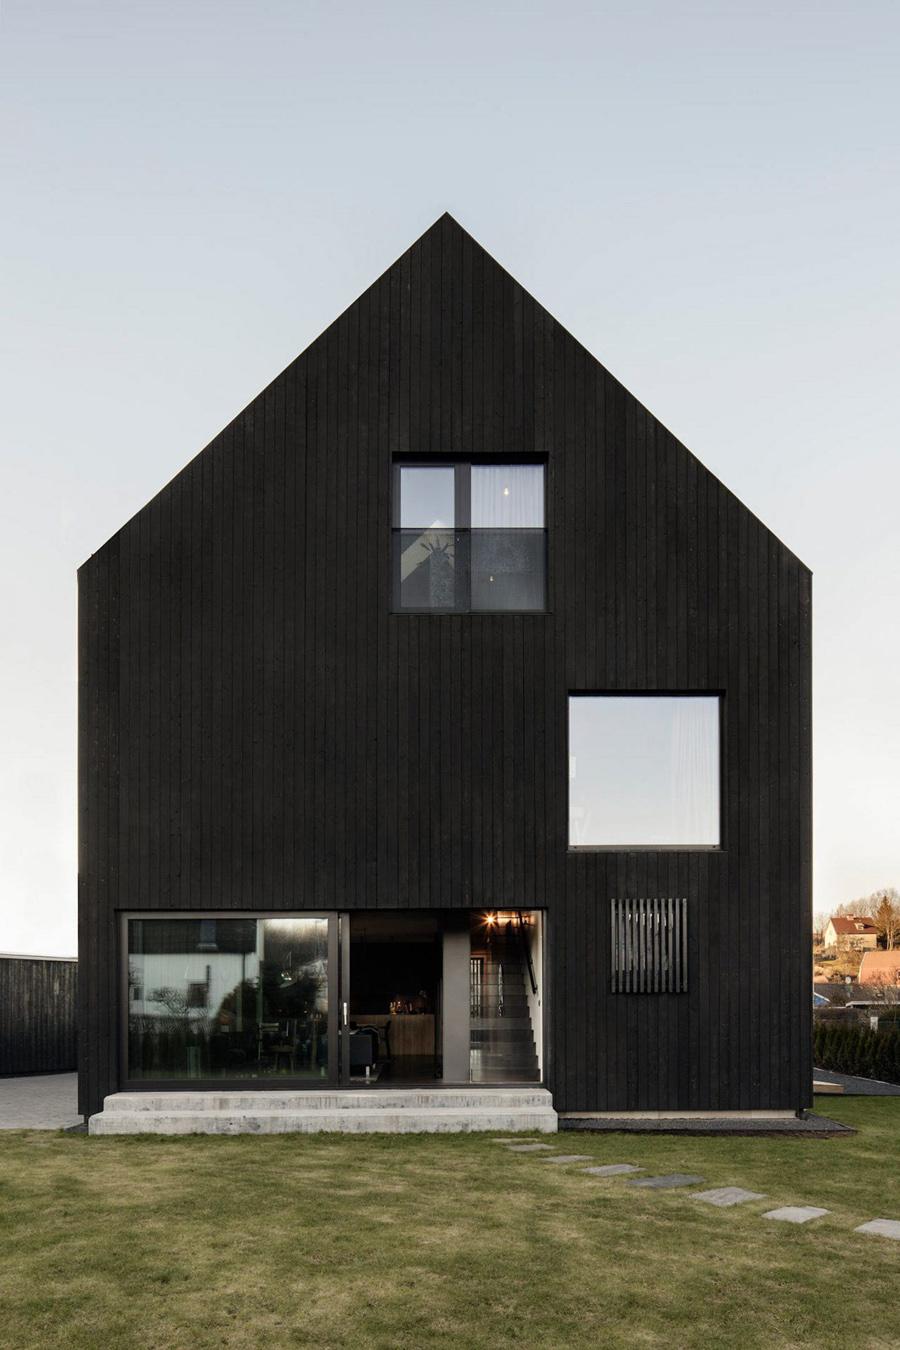 نگاهی به خانه سیاه چوبی - ویلا Amiri